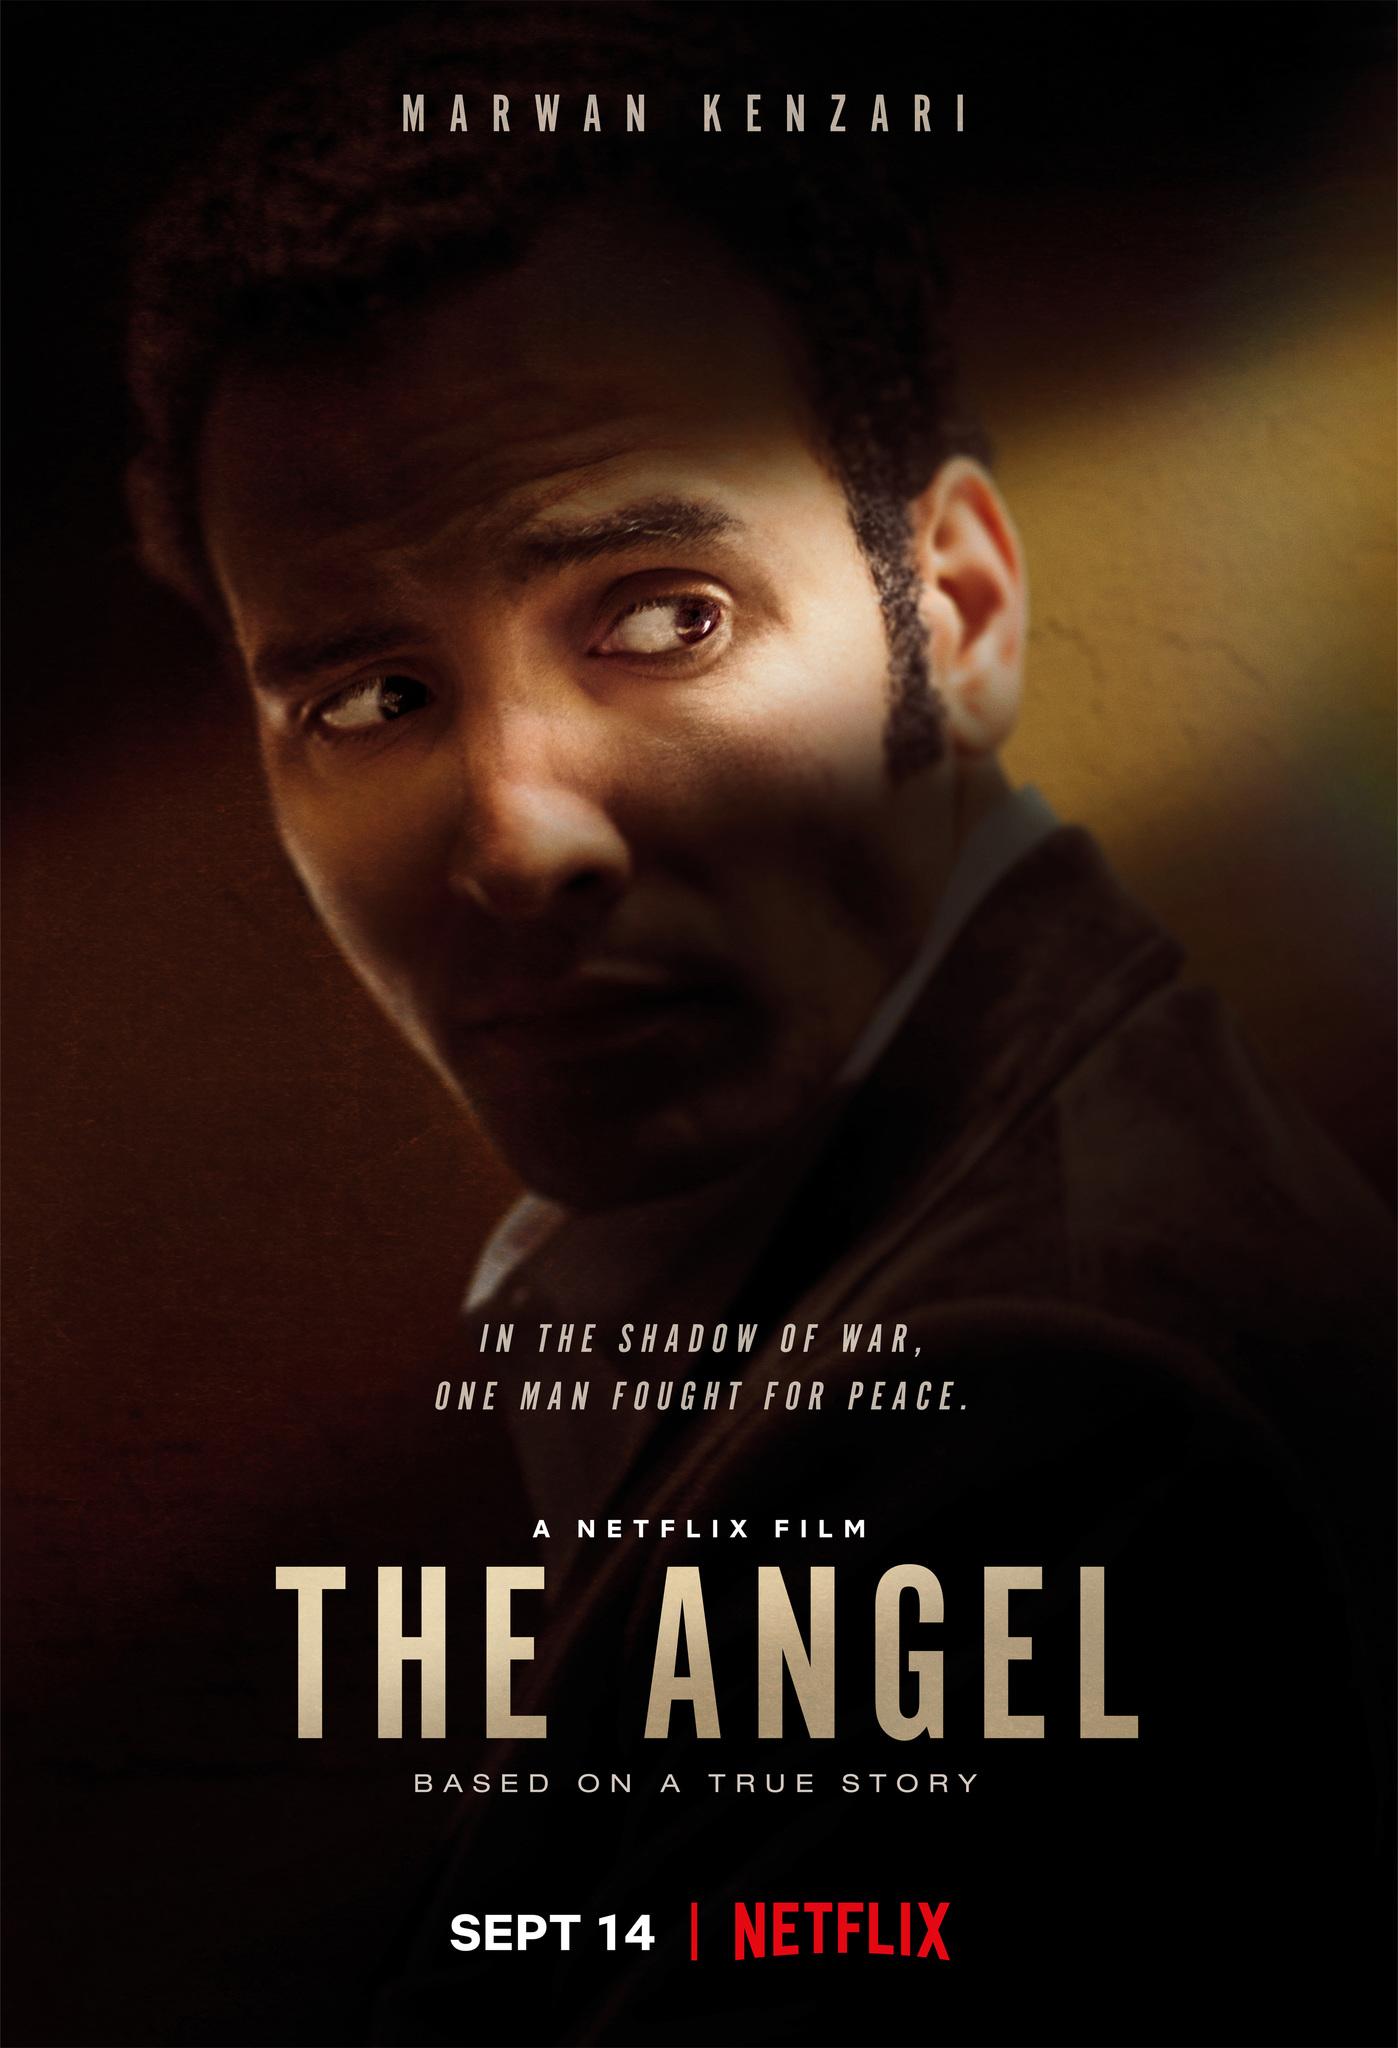 فيلم الملاك عن أشرف مروان.. رواية إسرائيلية لبطولة مصرية